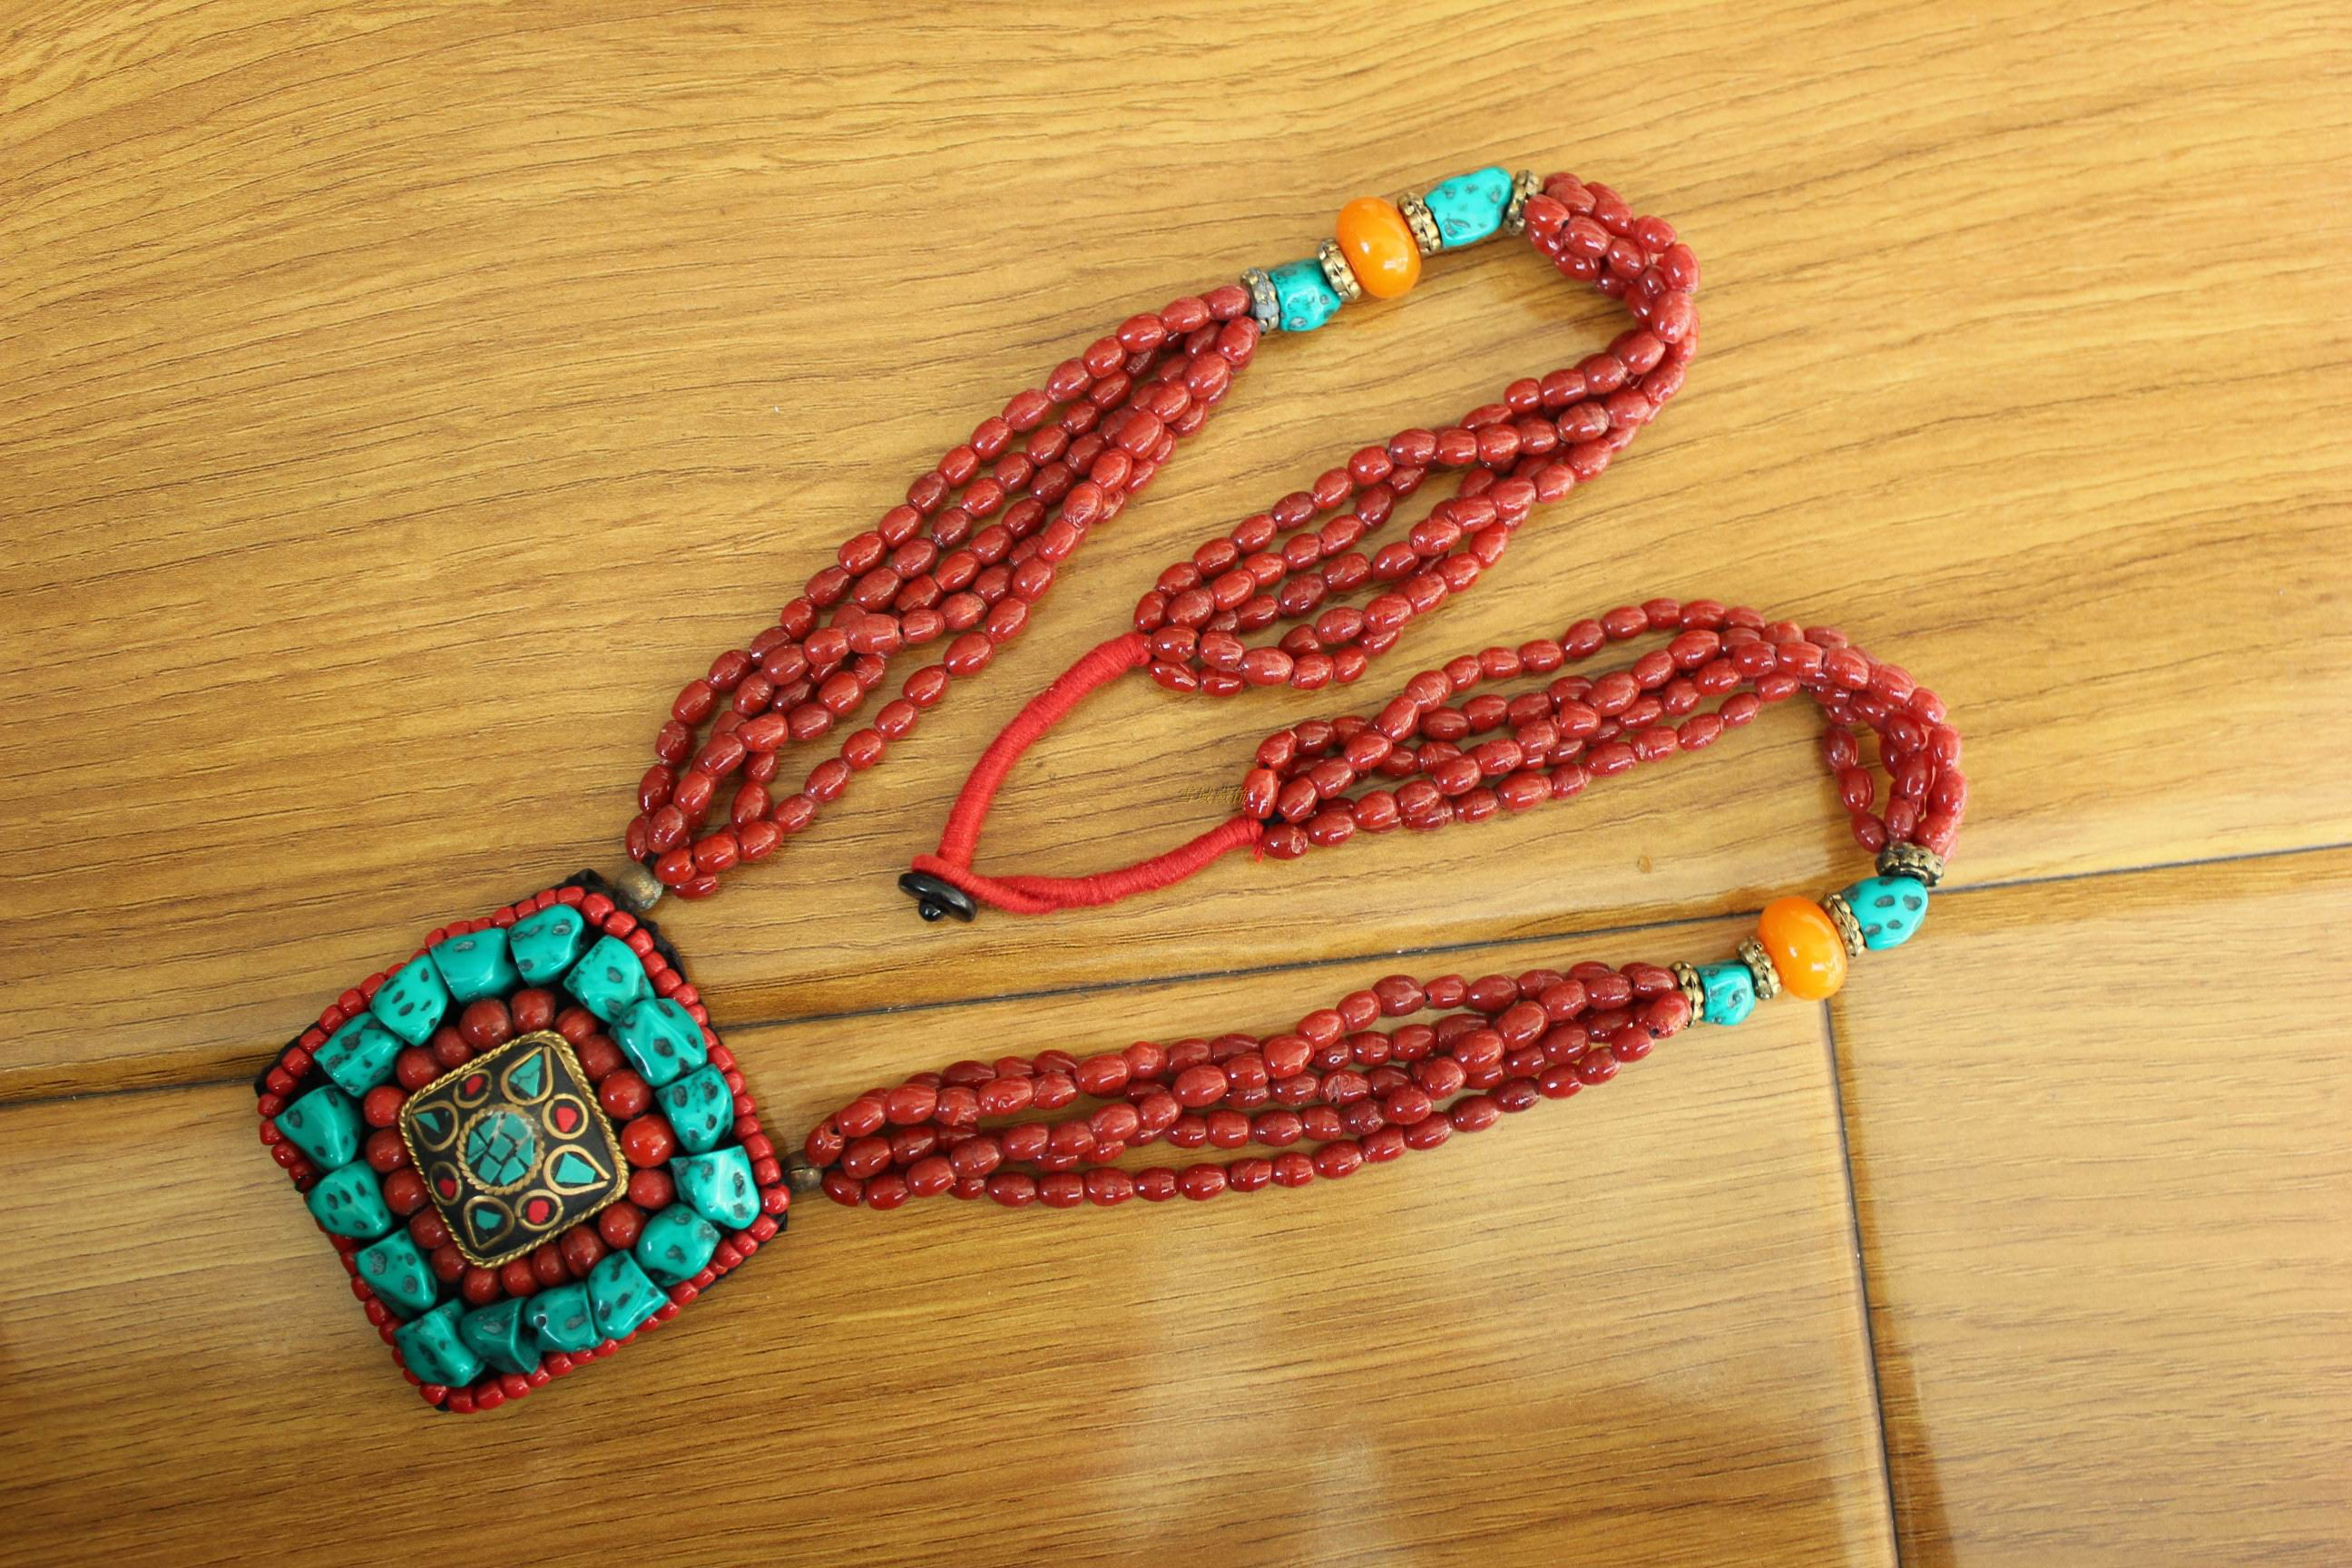 西藏尼泊尔工艺饰品手工宫廷复古藏族女式生锅庄舞蹈活动项链包邮